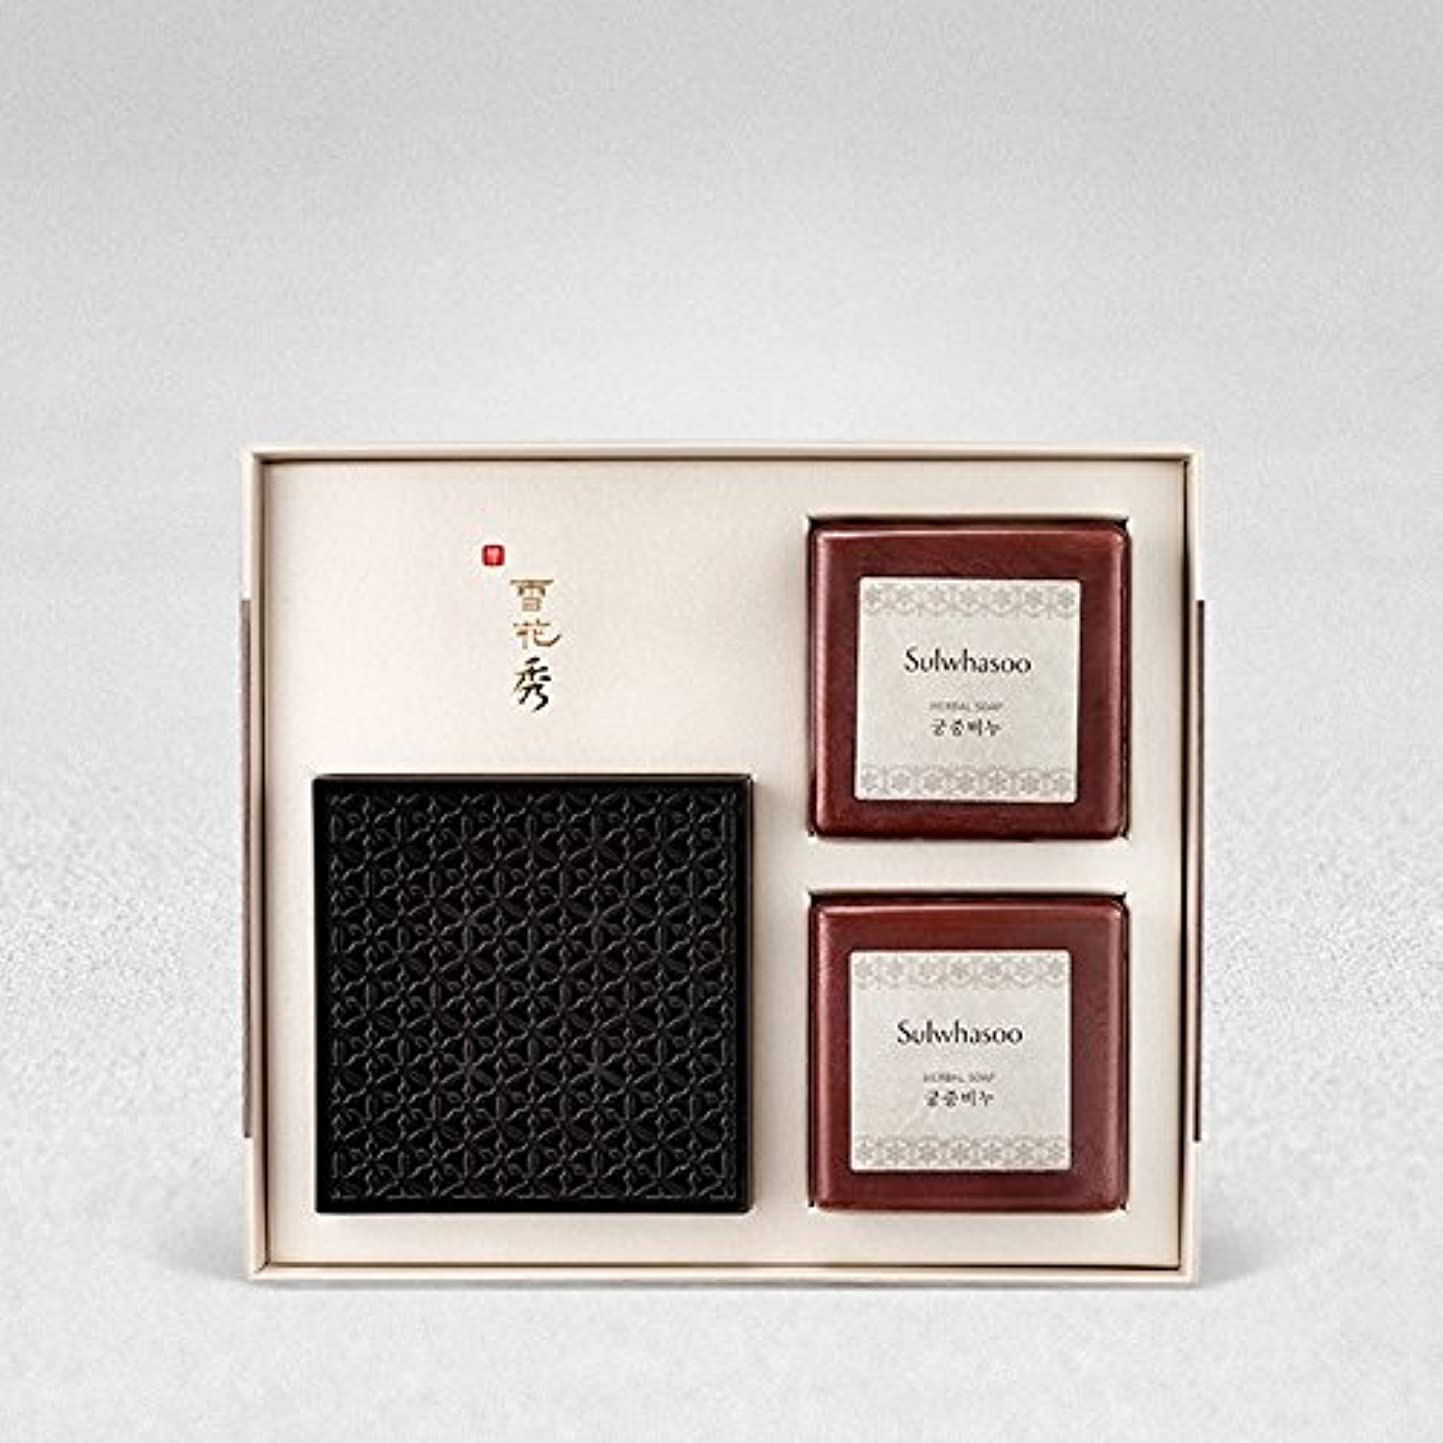 デンマーク語災害アジア人Sulwhasoo Goong-Joong Soap 100gx2ea K-beauty[並行輸入品]